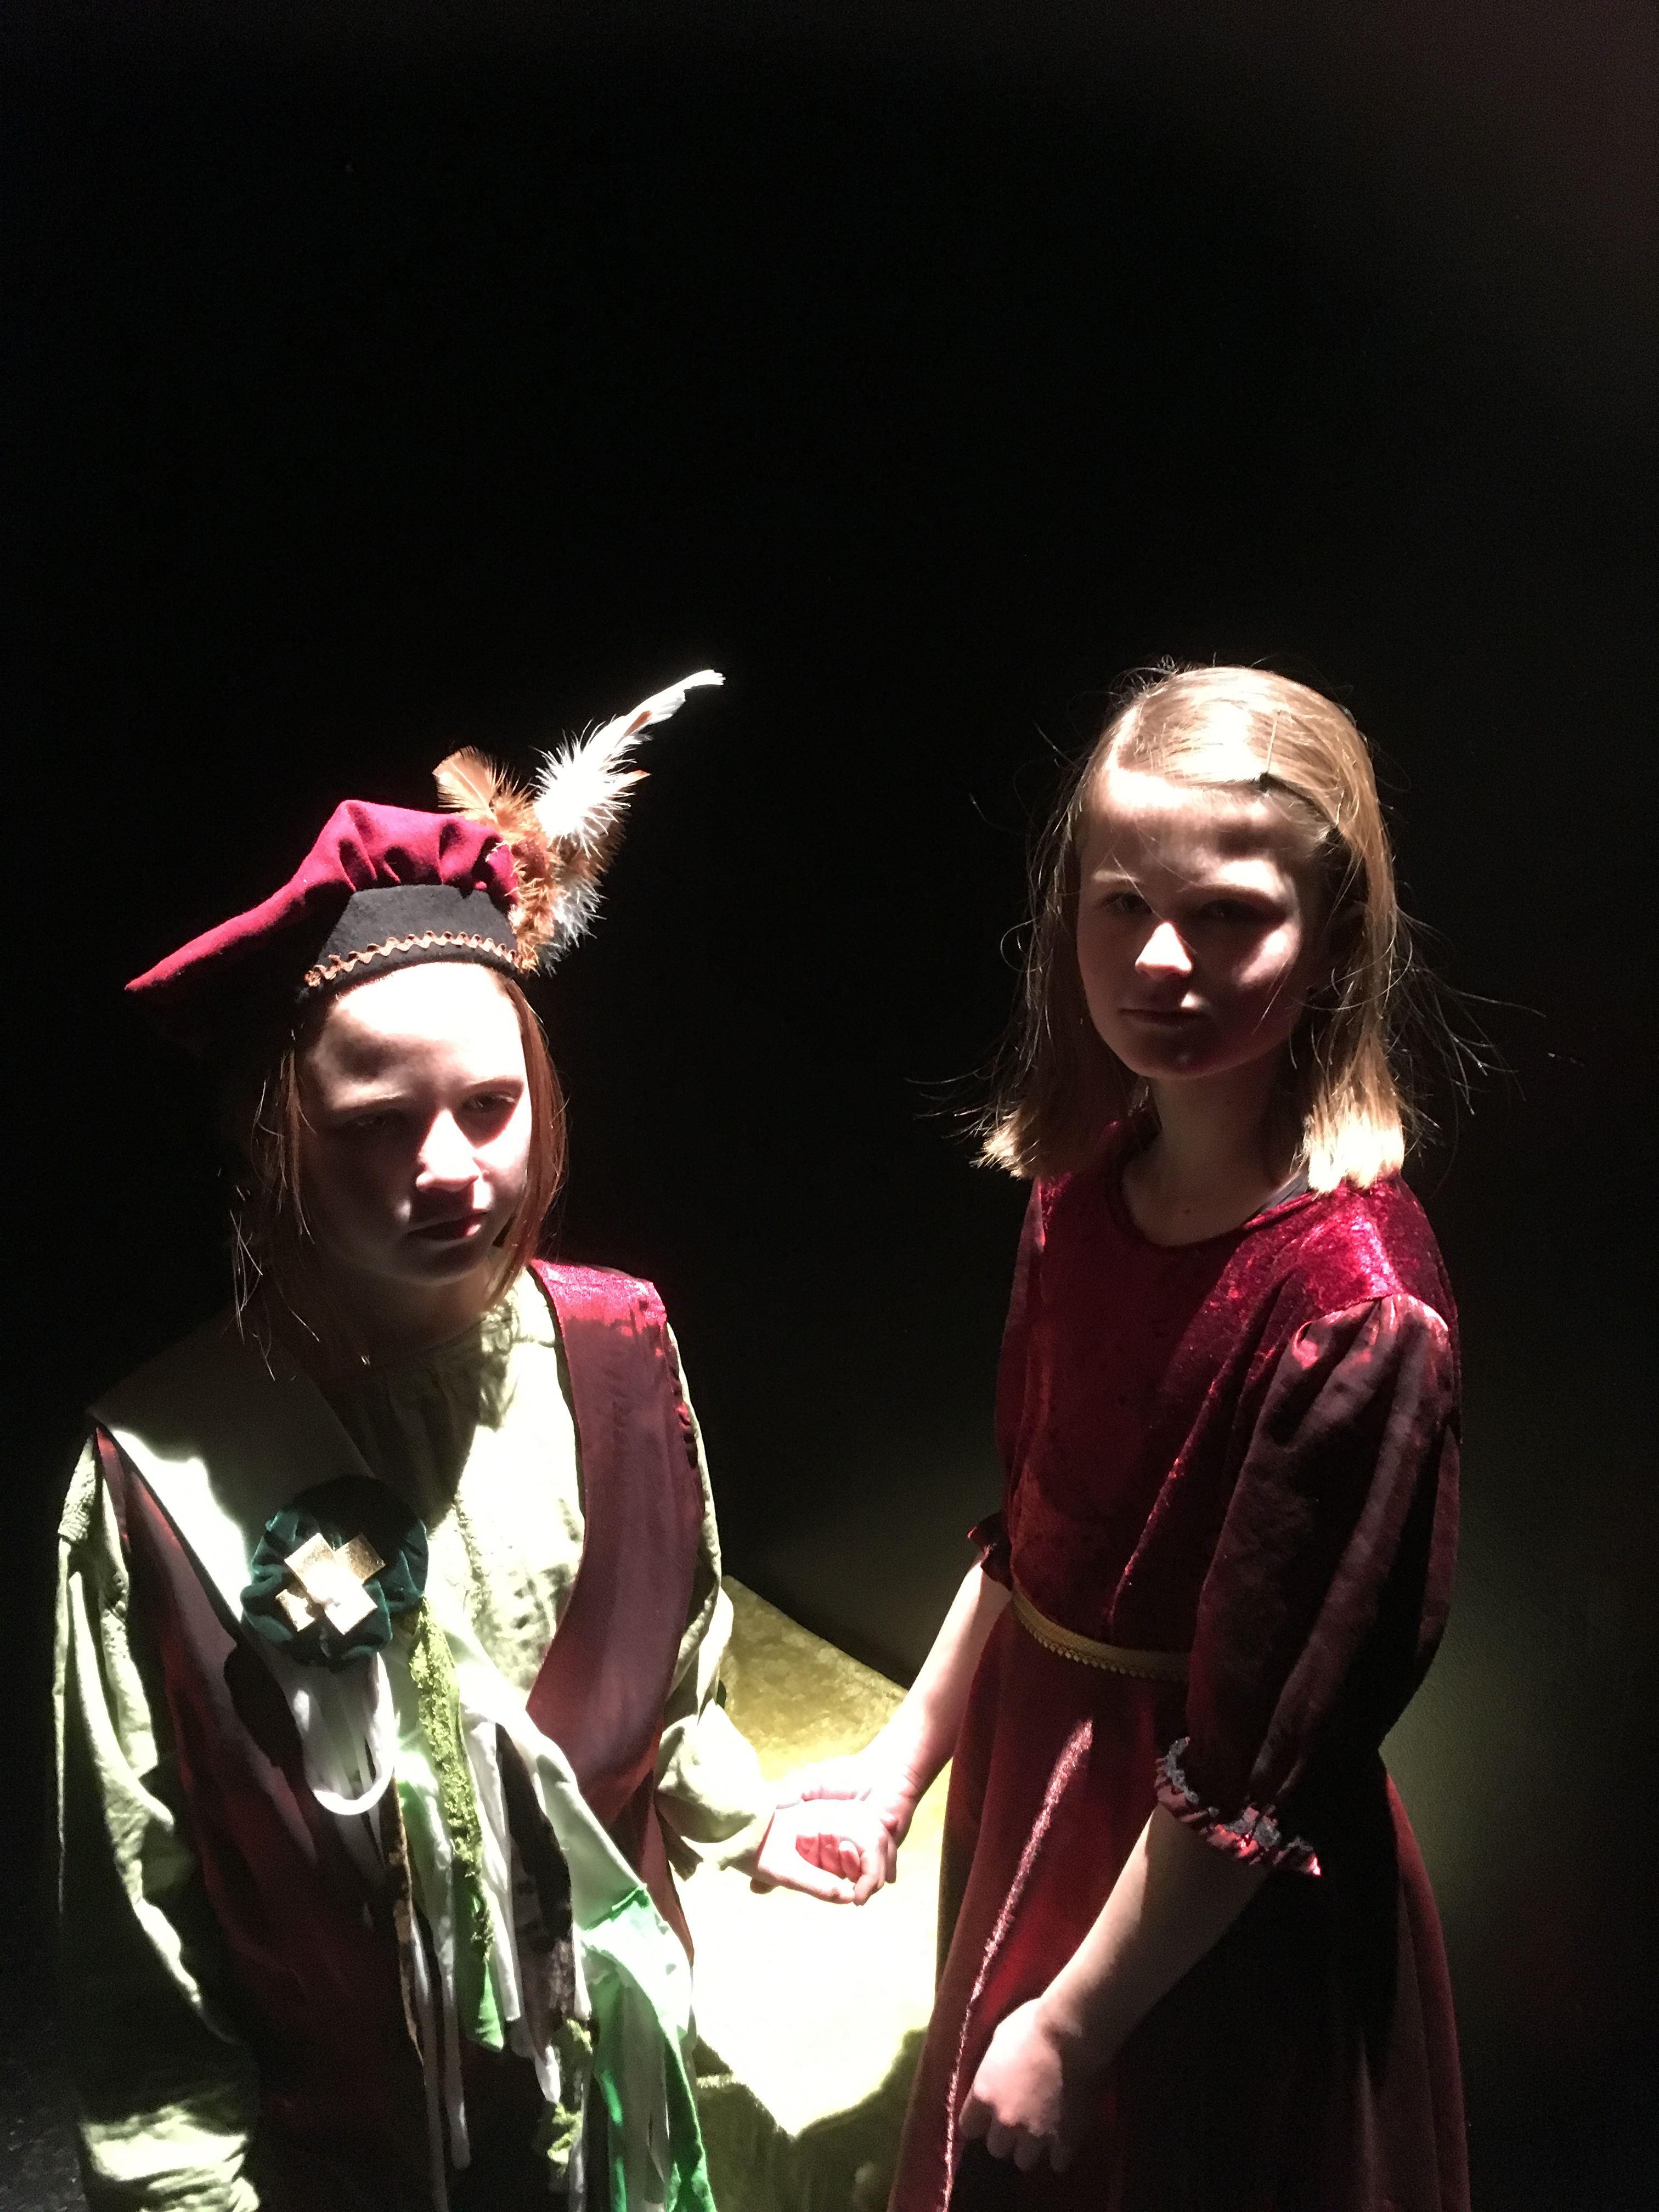 Sagan om Prins hatt och hans modiga prinsessa